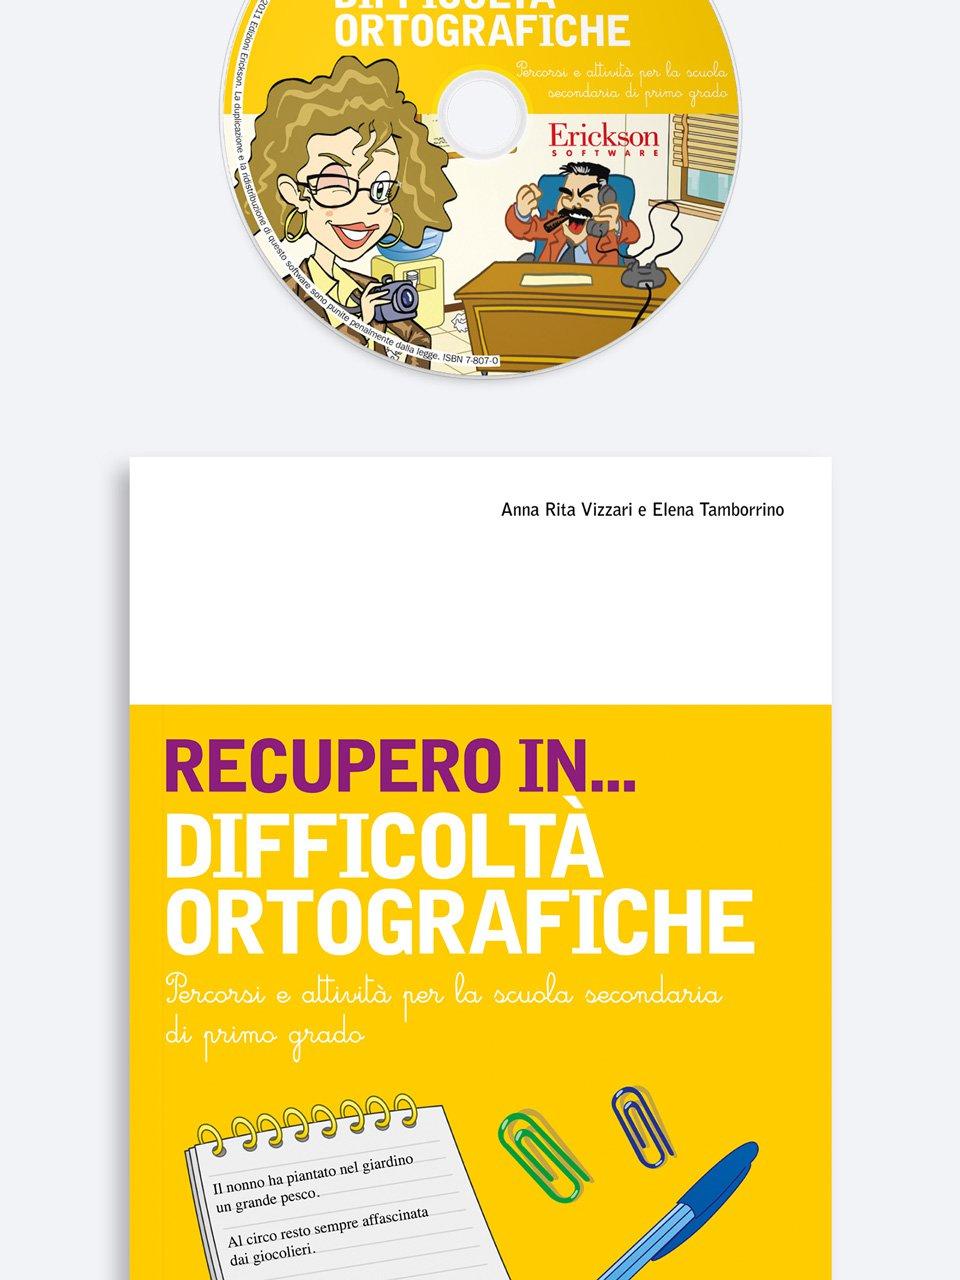 RECUPERO IN... Difficoltà ortografiche - RECUPERO IN... Abilità di scrittura 2 - Libri - App e software - Erickson 3